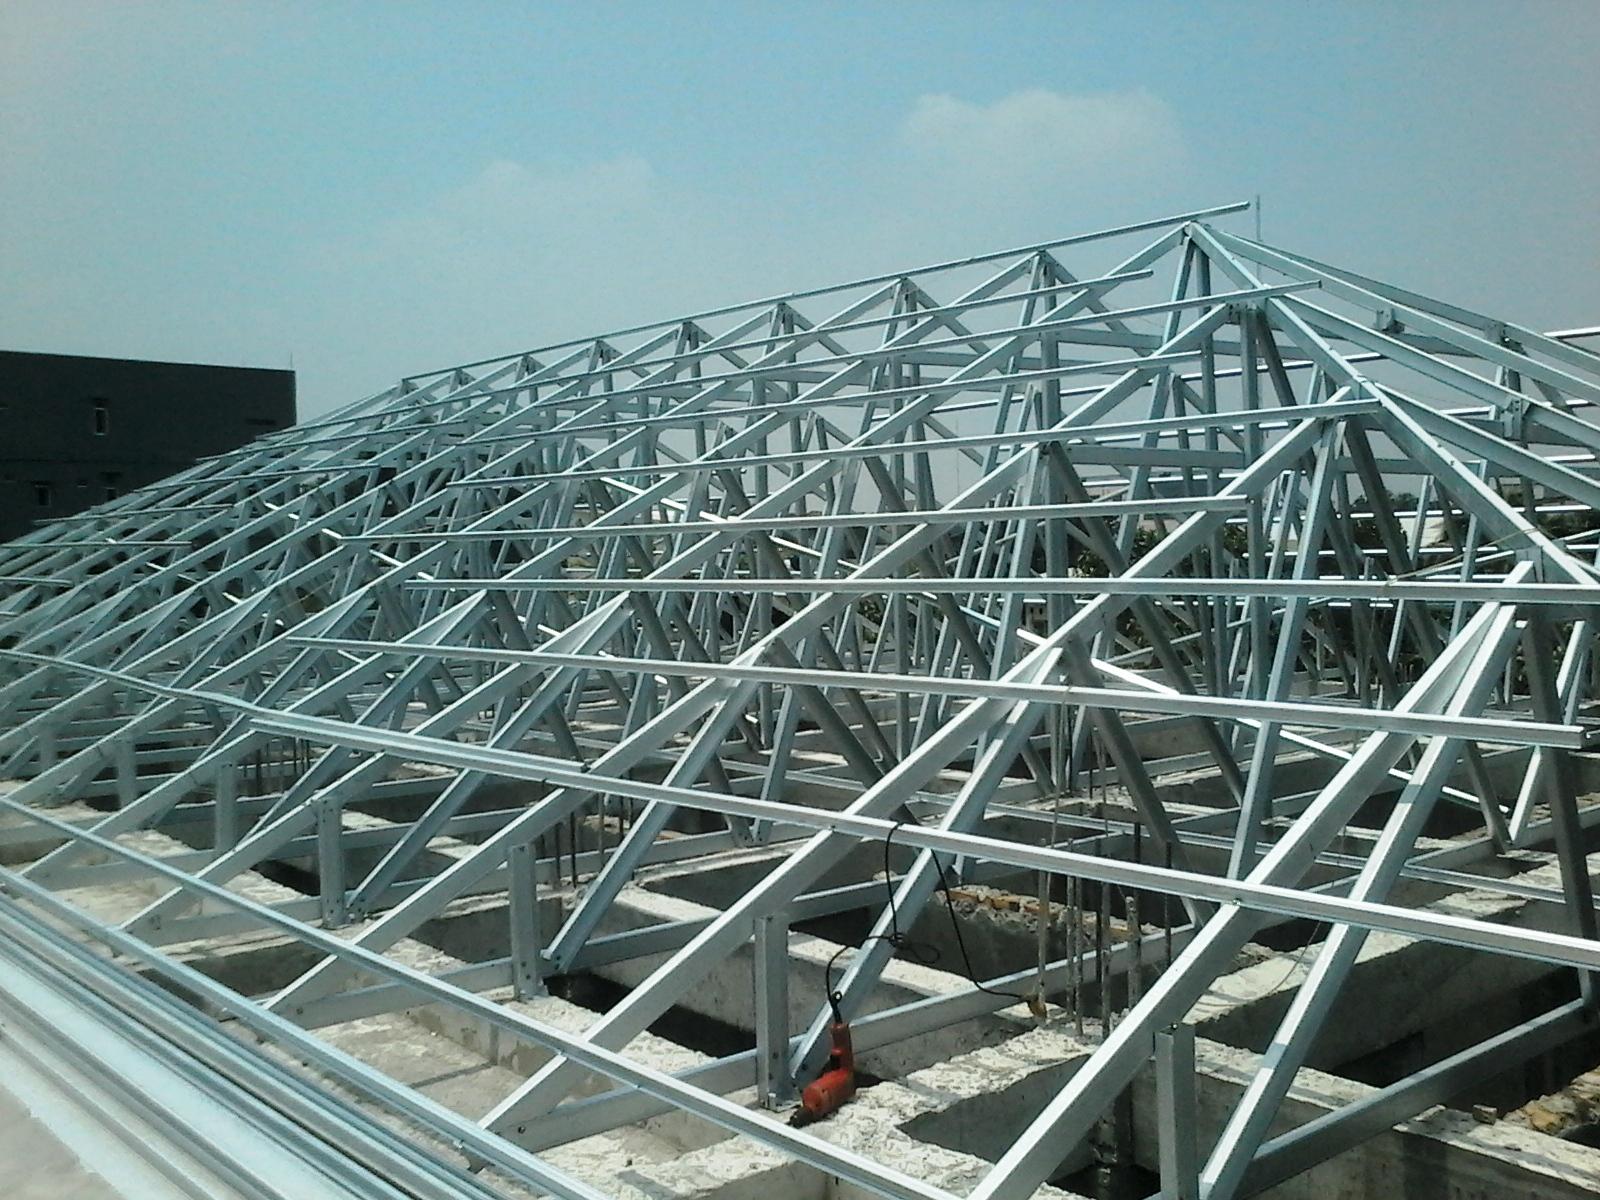 baja ringan jatiasih puskesmas bekasi rangka atap